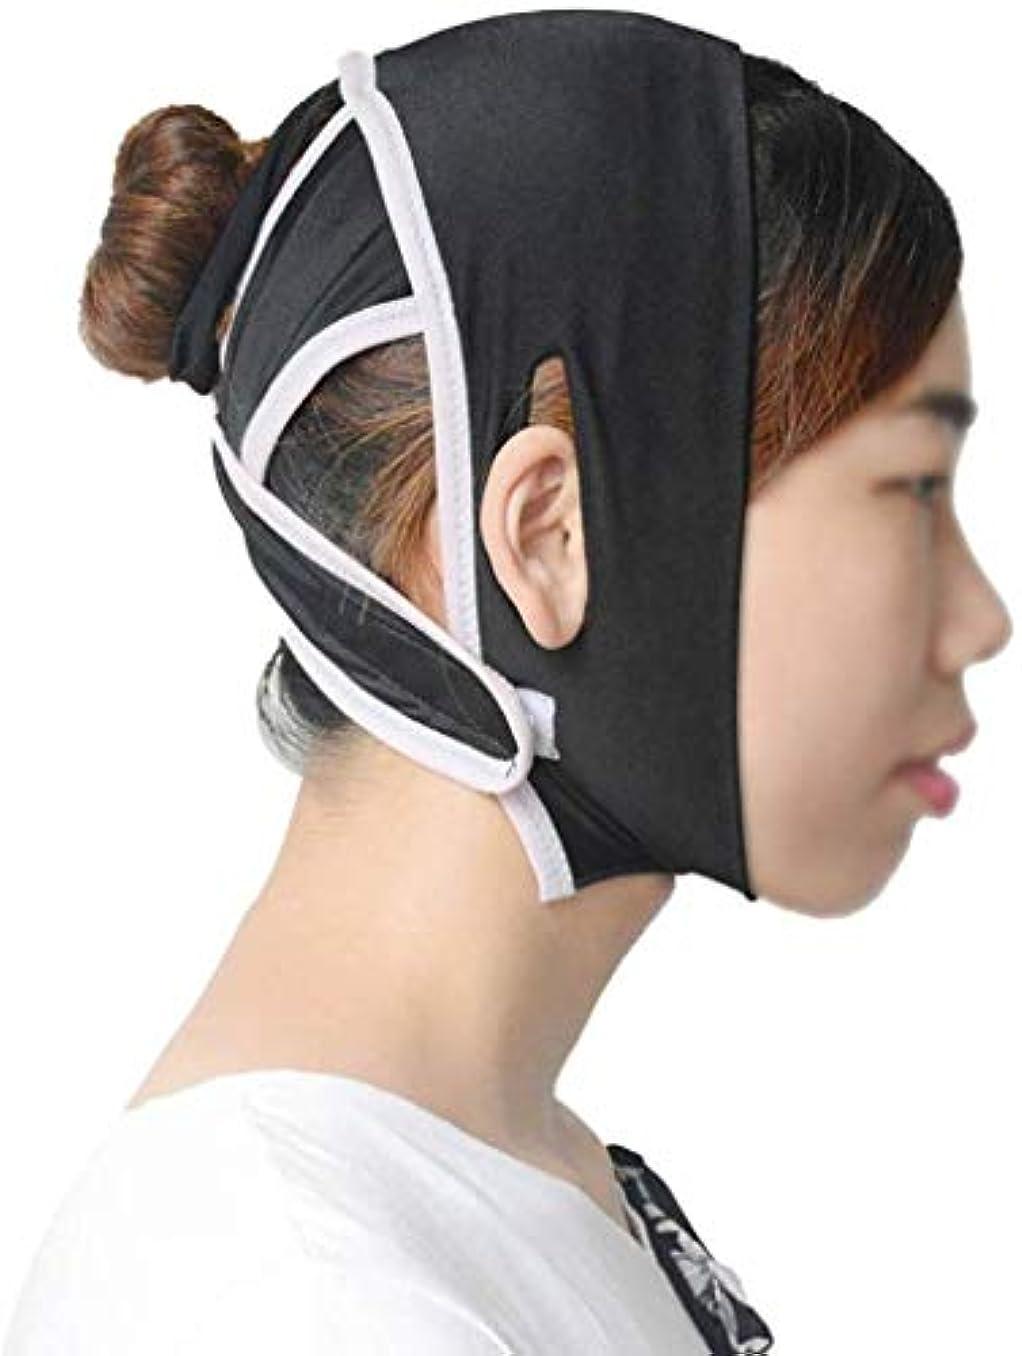 良さかんがいさらにHUYYA フェイスリフティング包帯、女性の顔を持ち上げるベルト しわ防止包帯 二重あごの減量顔 Vライン頬,Black_Medium